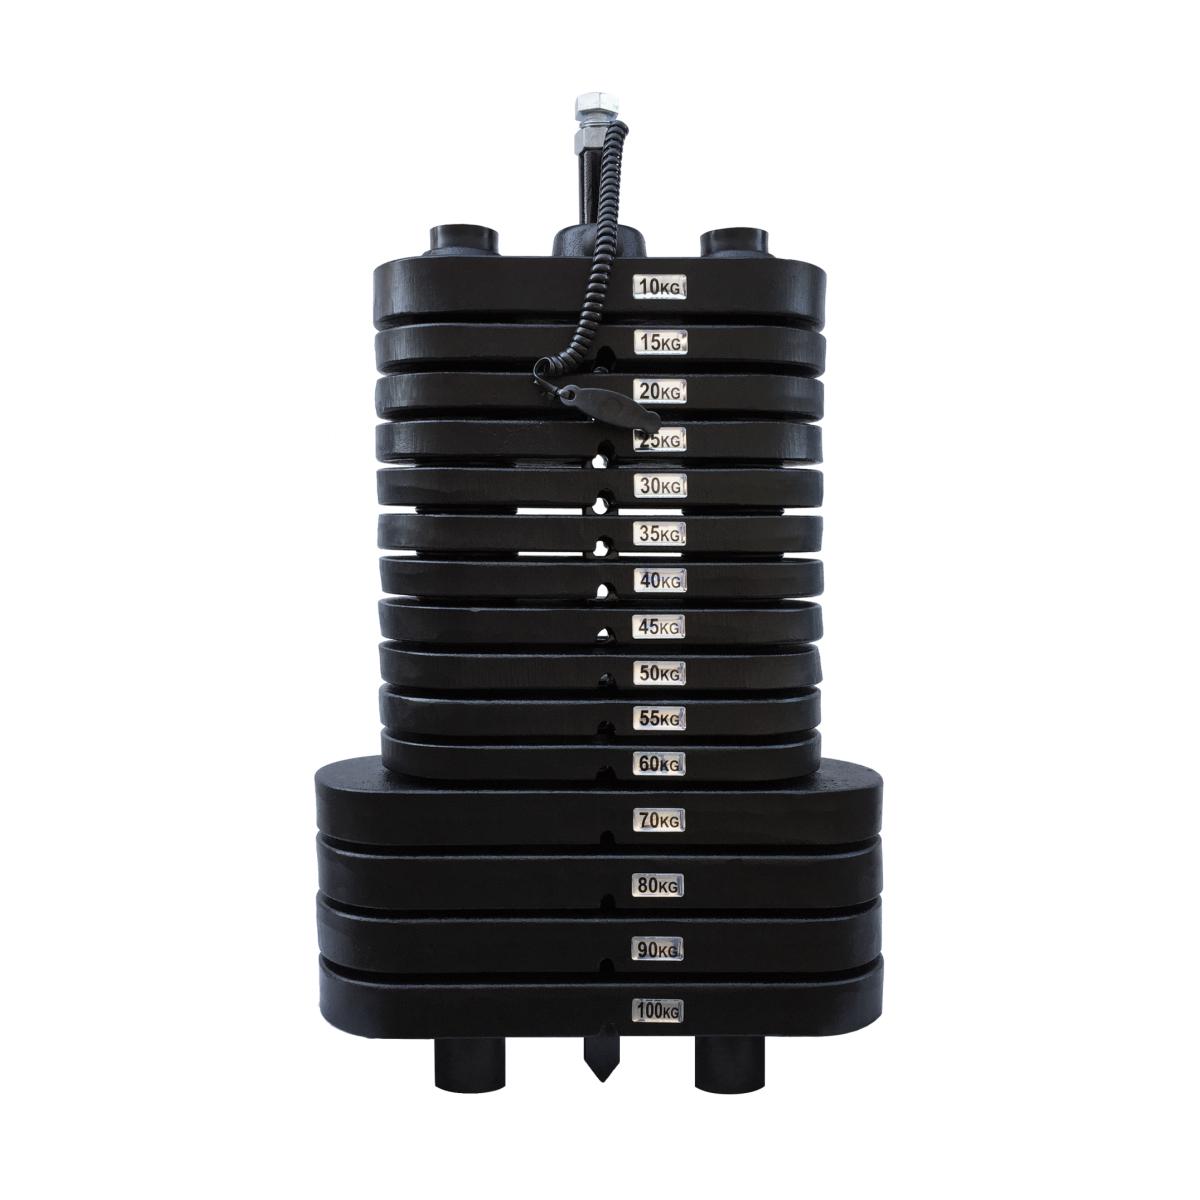 Bateria de Peso Montada 100 kg - Pintada